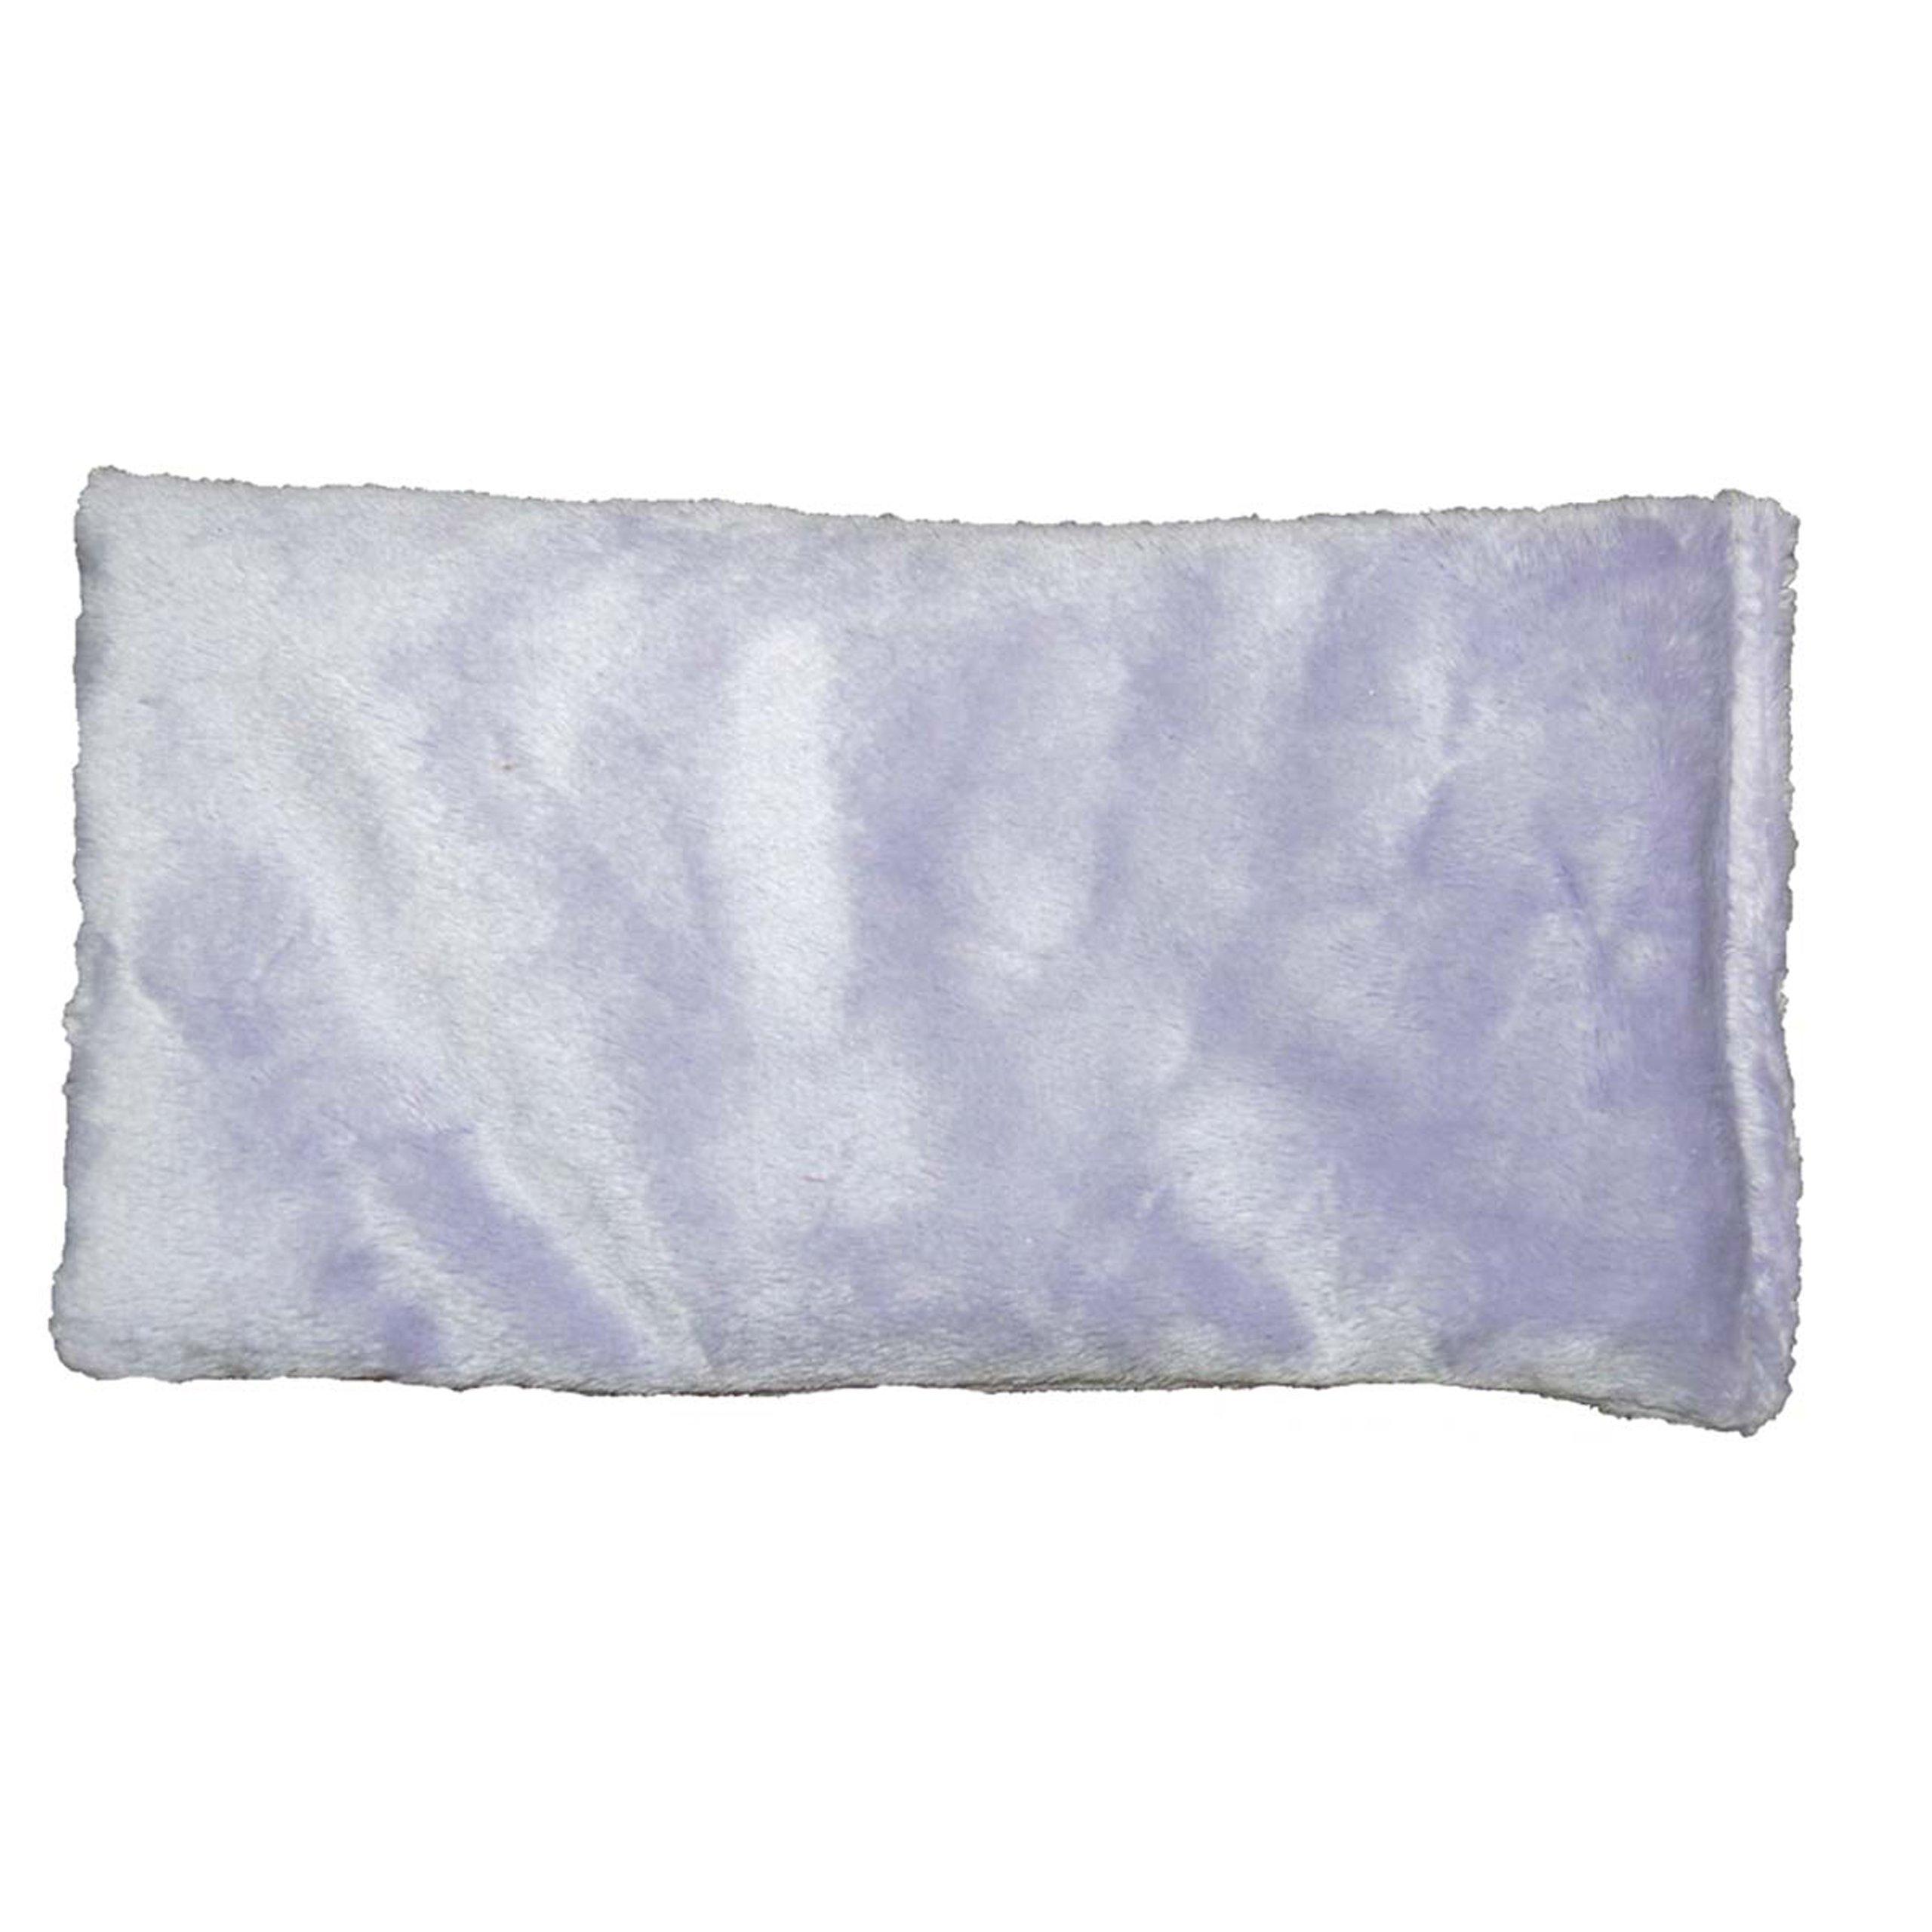 Herbal Concepts HCEYEL Eye Pack, Lavender